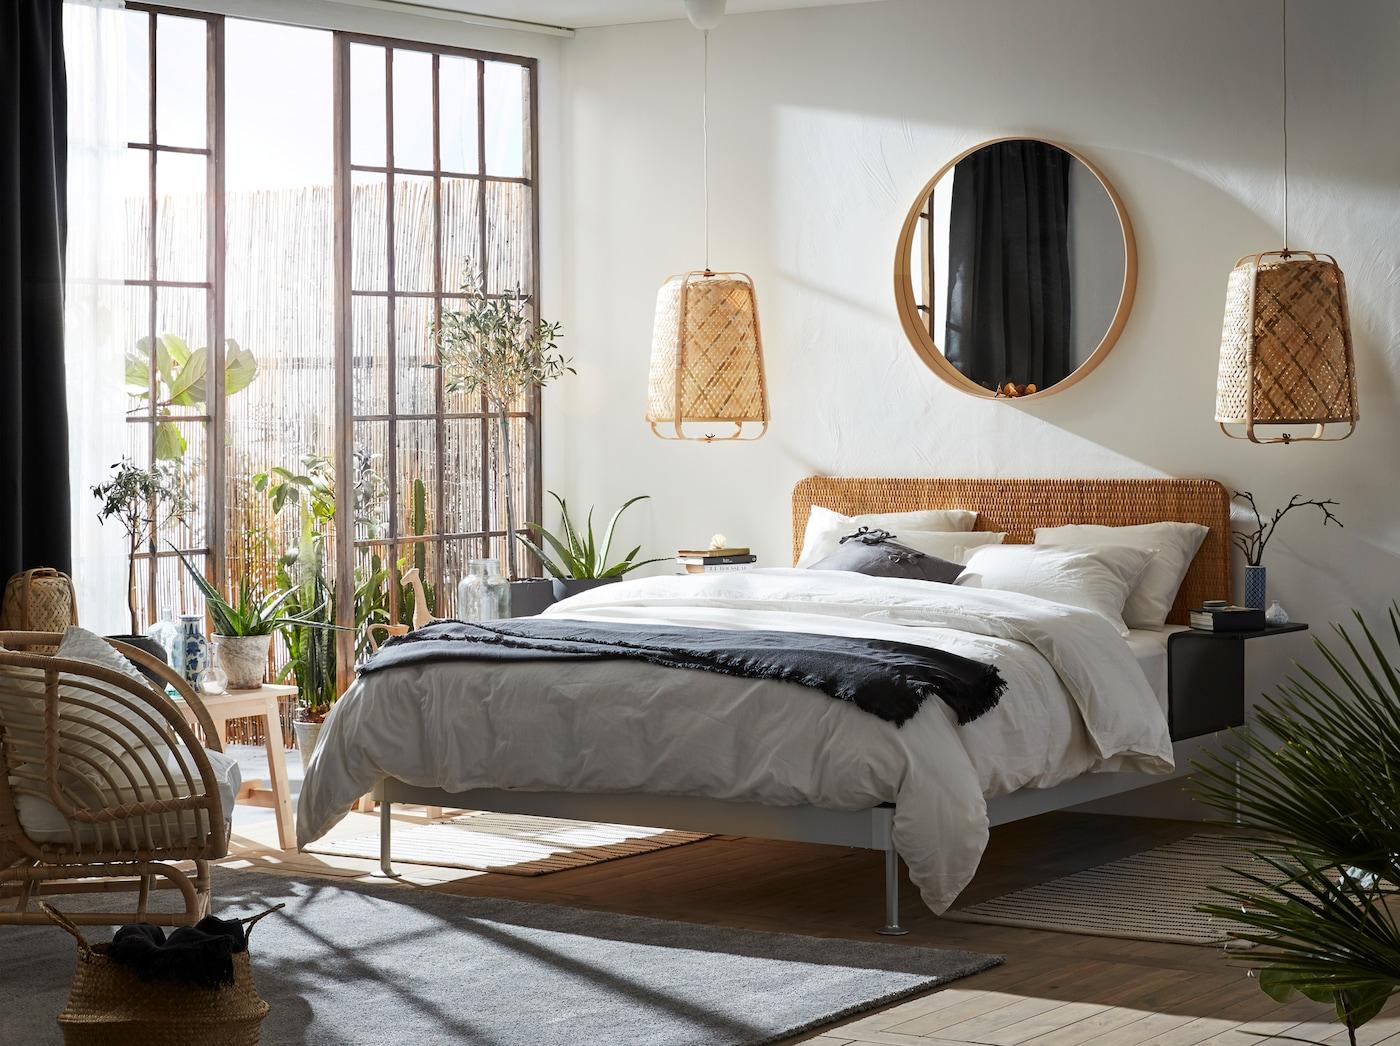 라탄과 대나무 같은 천연 소재를 다양하게 활용해 화사하게 꾸민 침실, 침대 옆으로 보이는 큰 유리 도어와 야외 공간